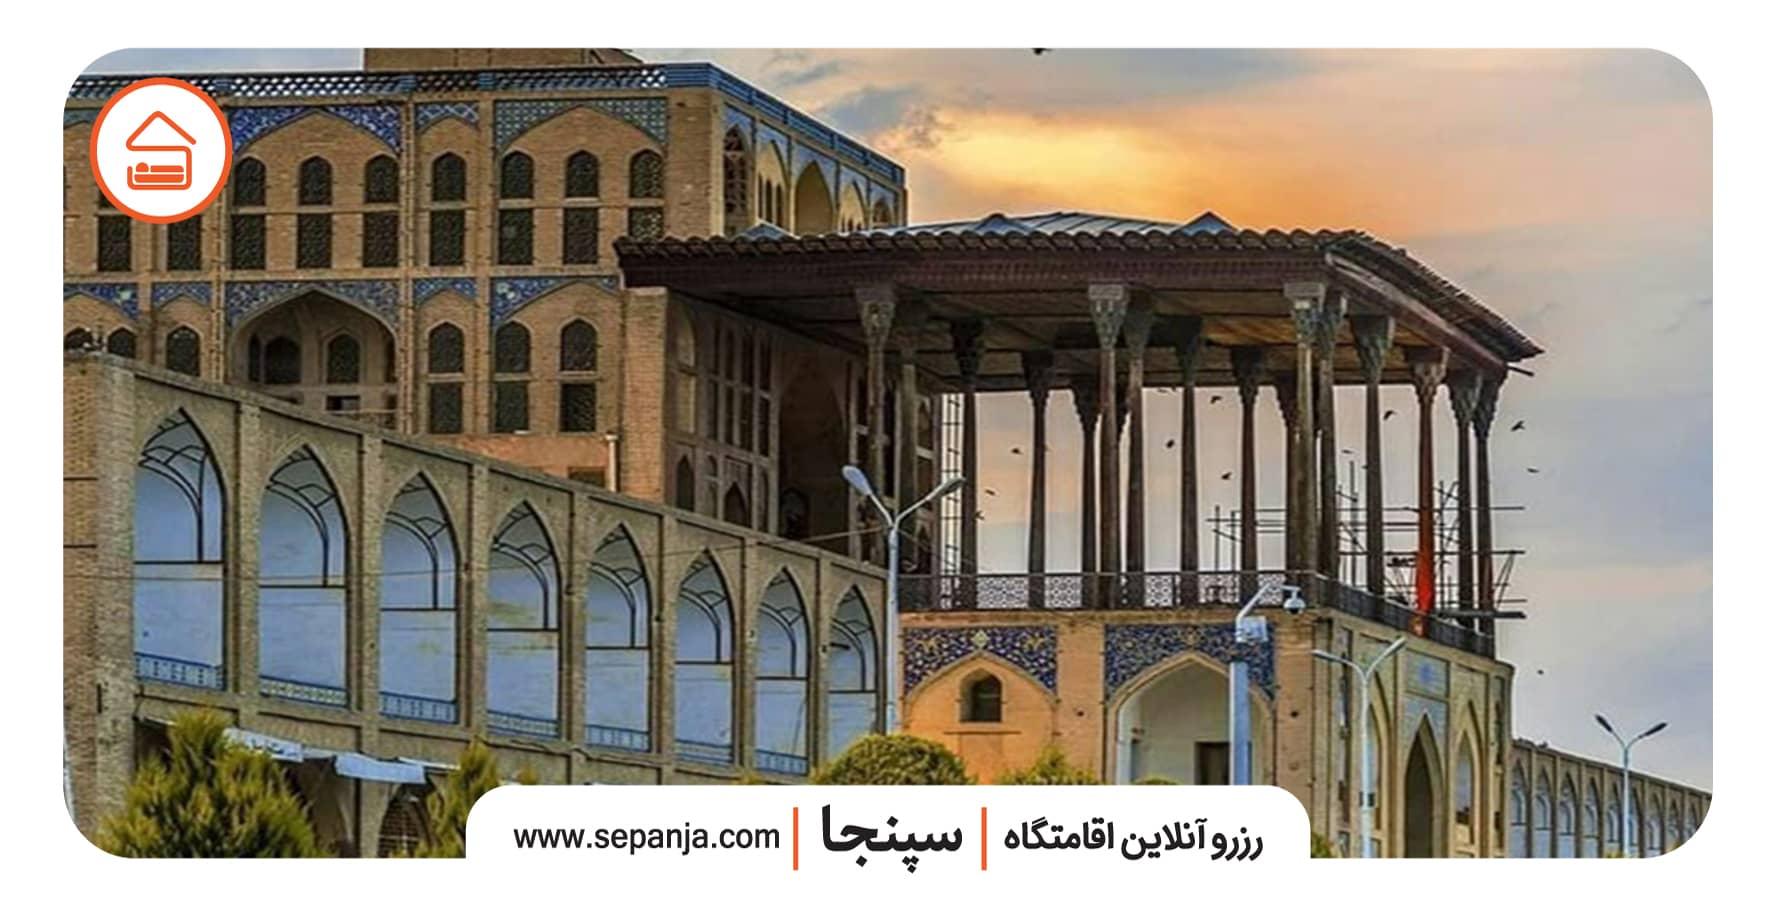 جاهای دیدنی عمارت عالی قاپو اصفهان